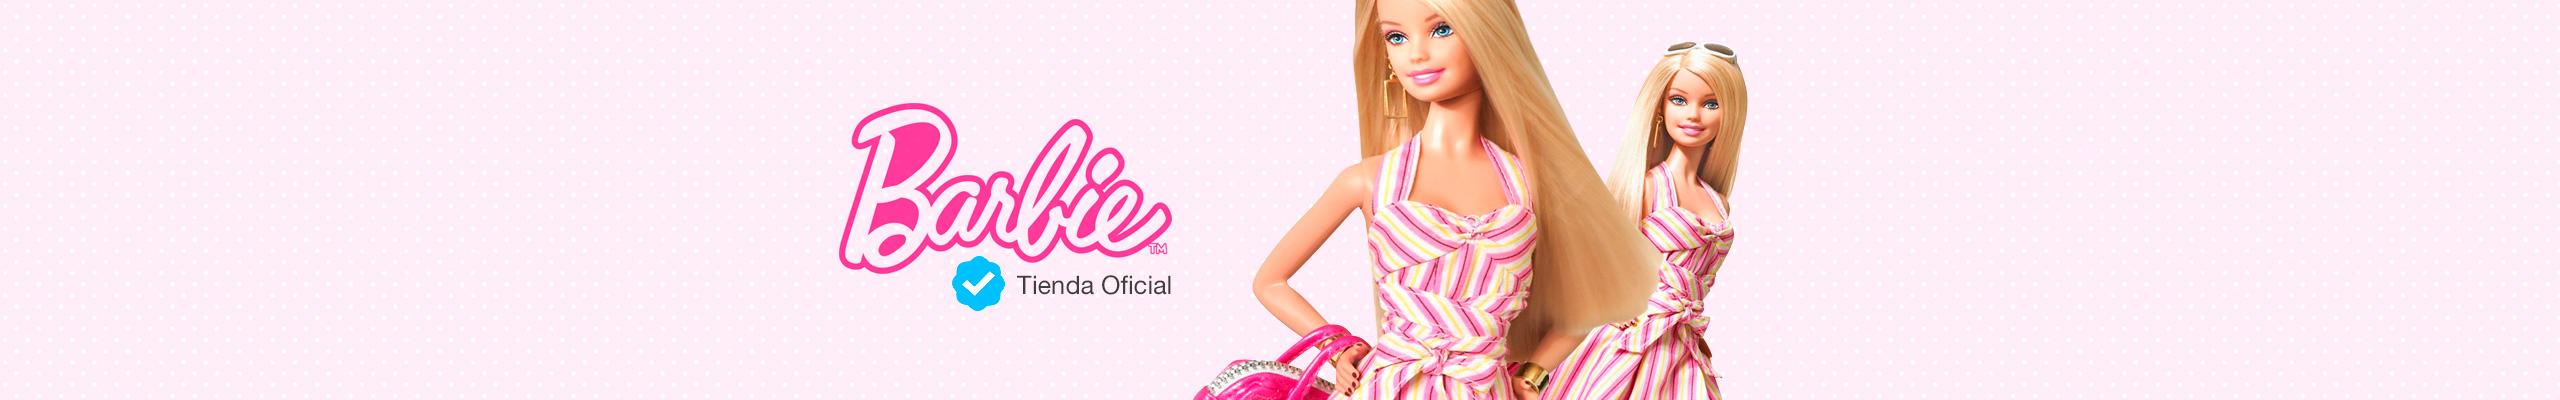 Las mejores muñecas y accesorios del mundo en un sólo lugar, Barbie Tienda Oficial